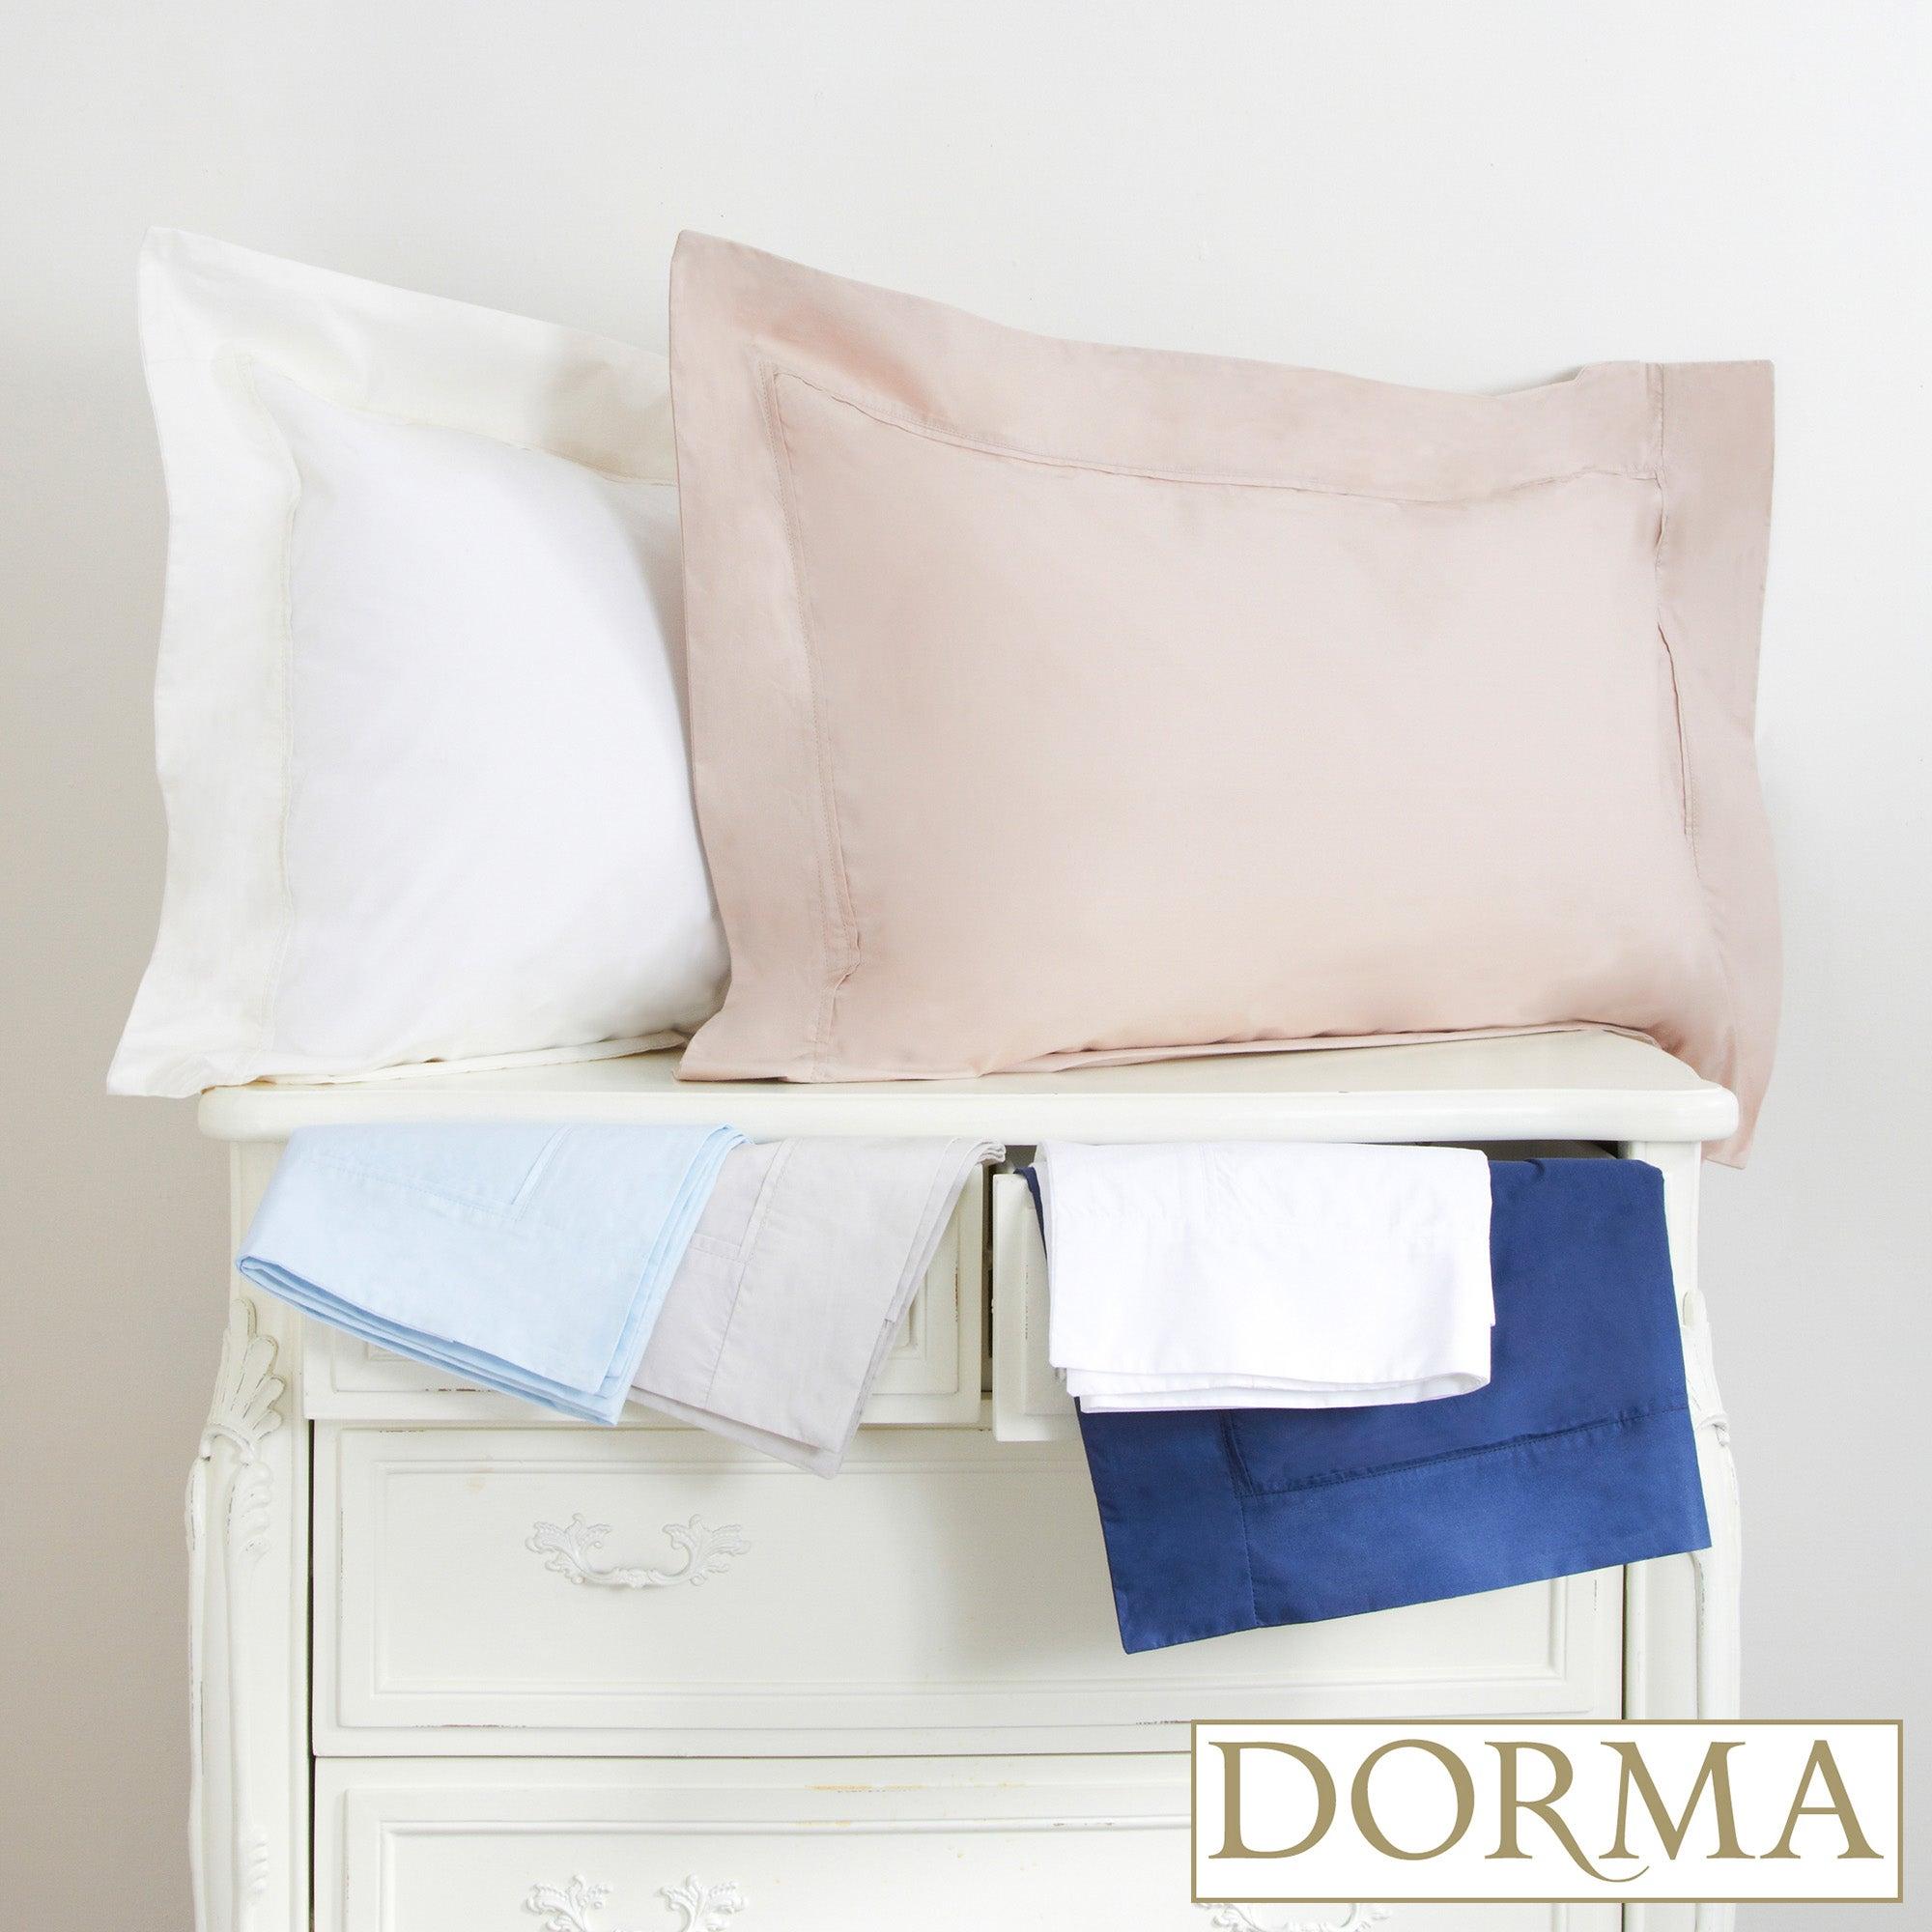 Dorma 300 Thread Count Plain Dye Collection Oxford Pillowcase